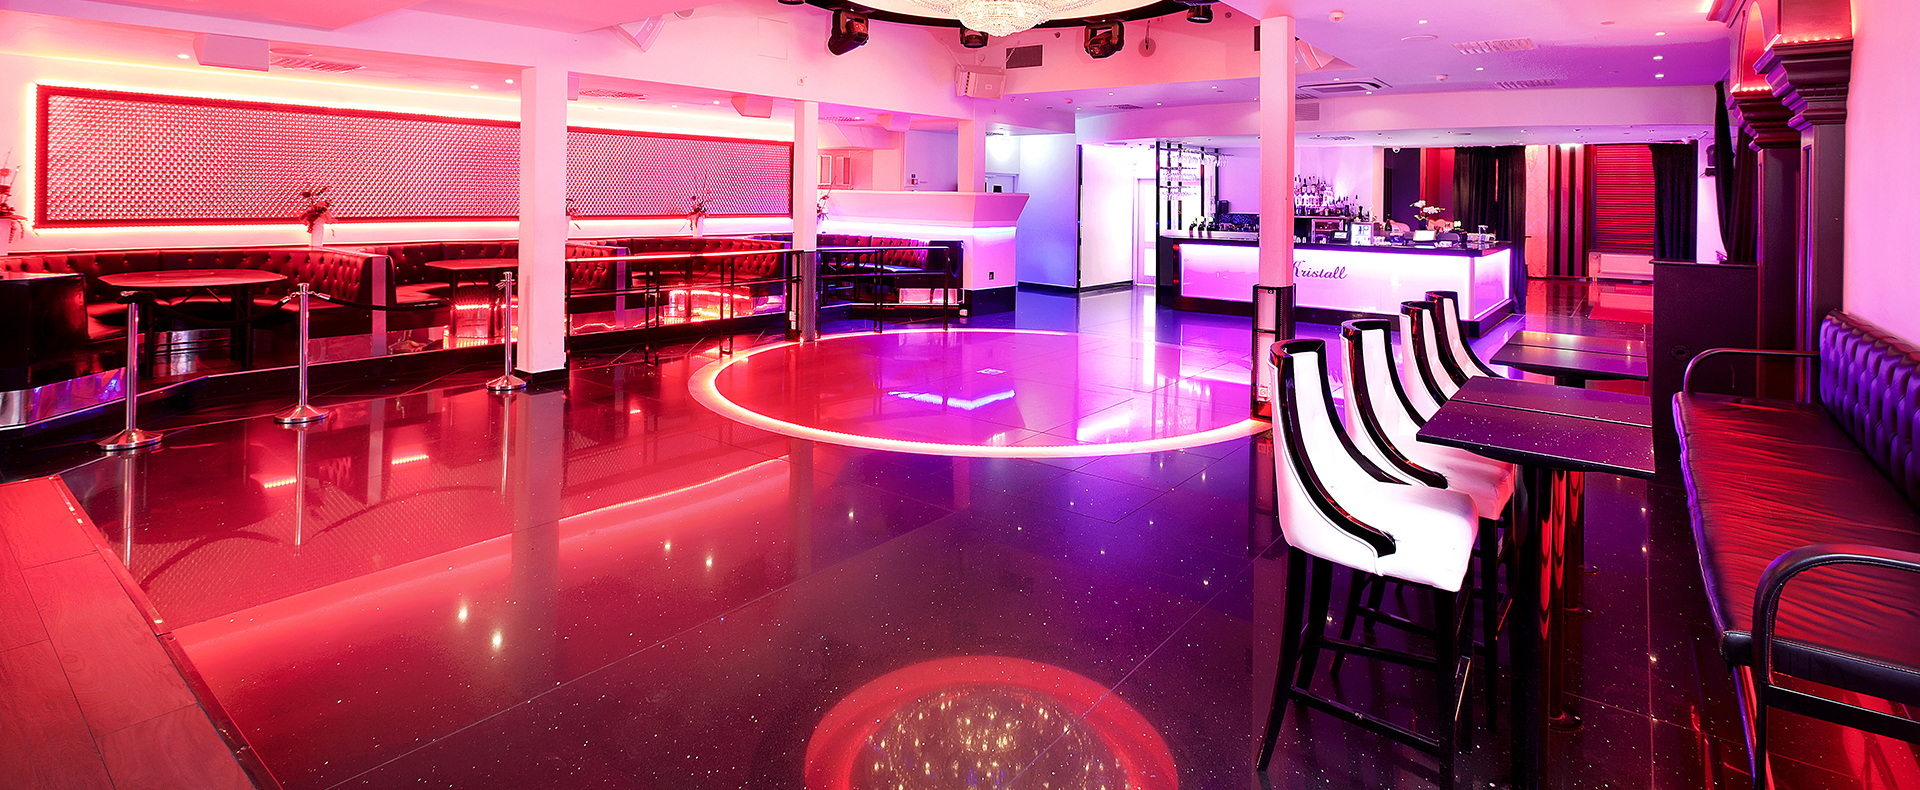 kristall club stockholm